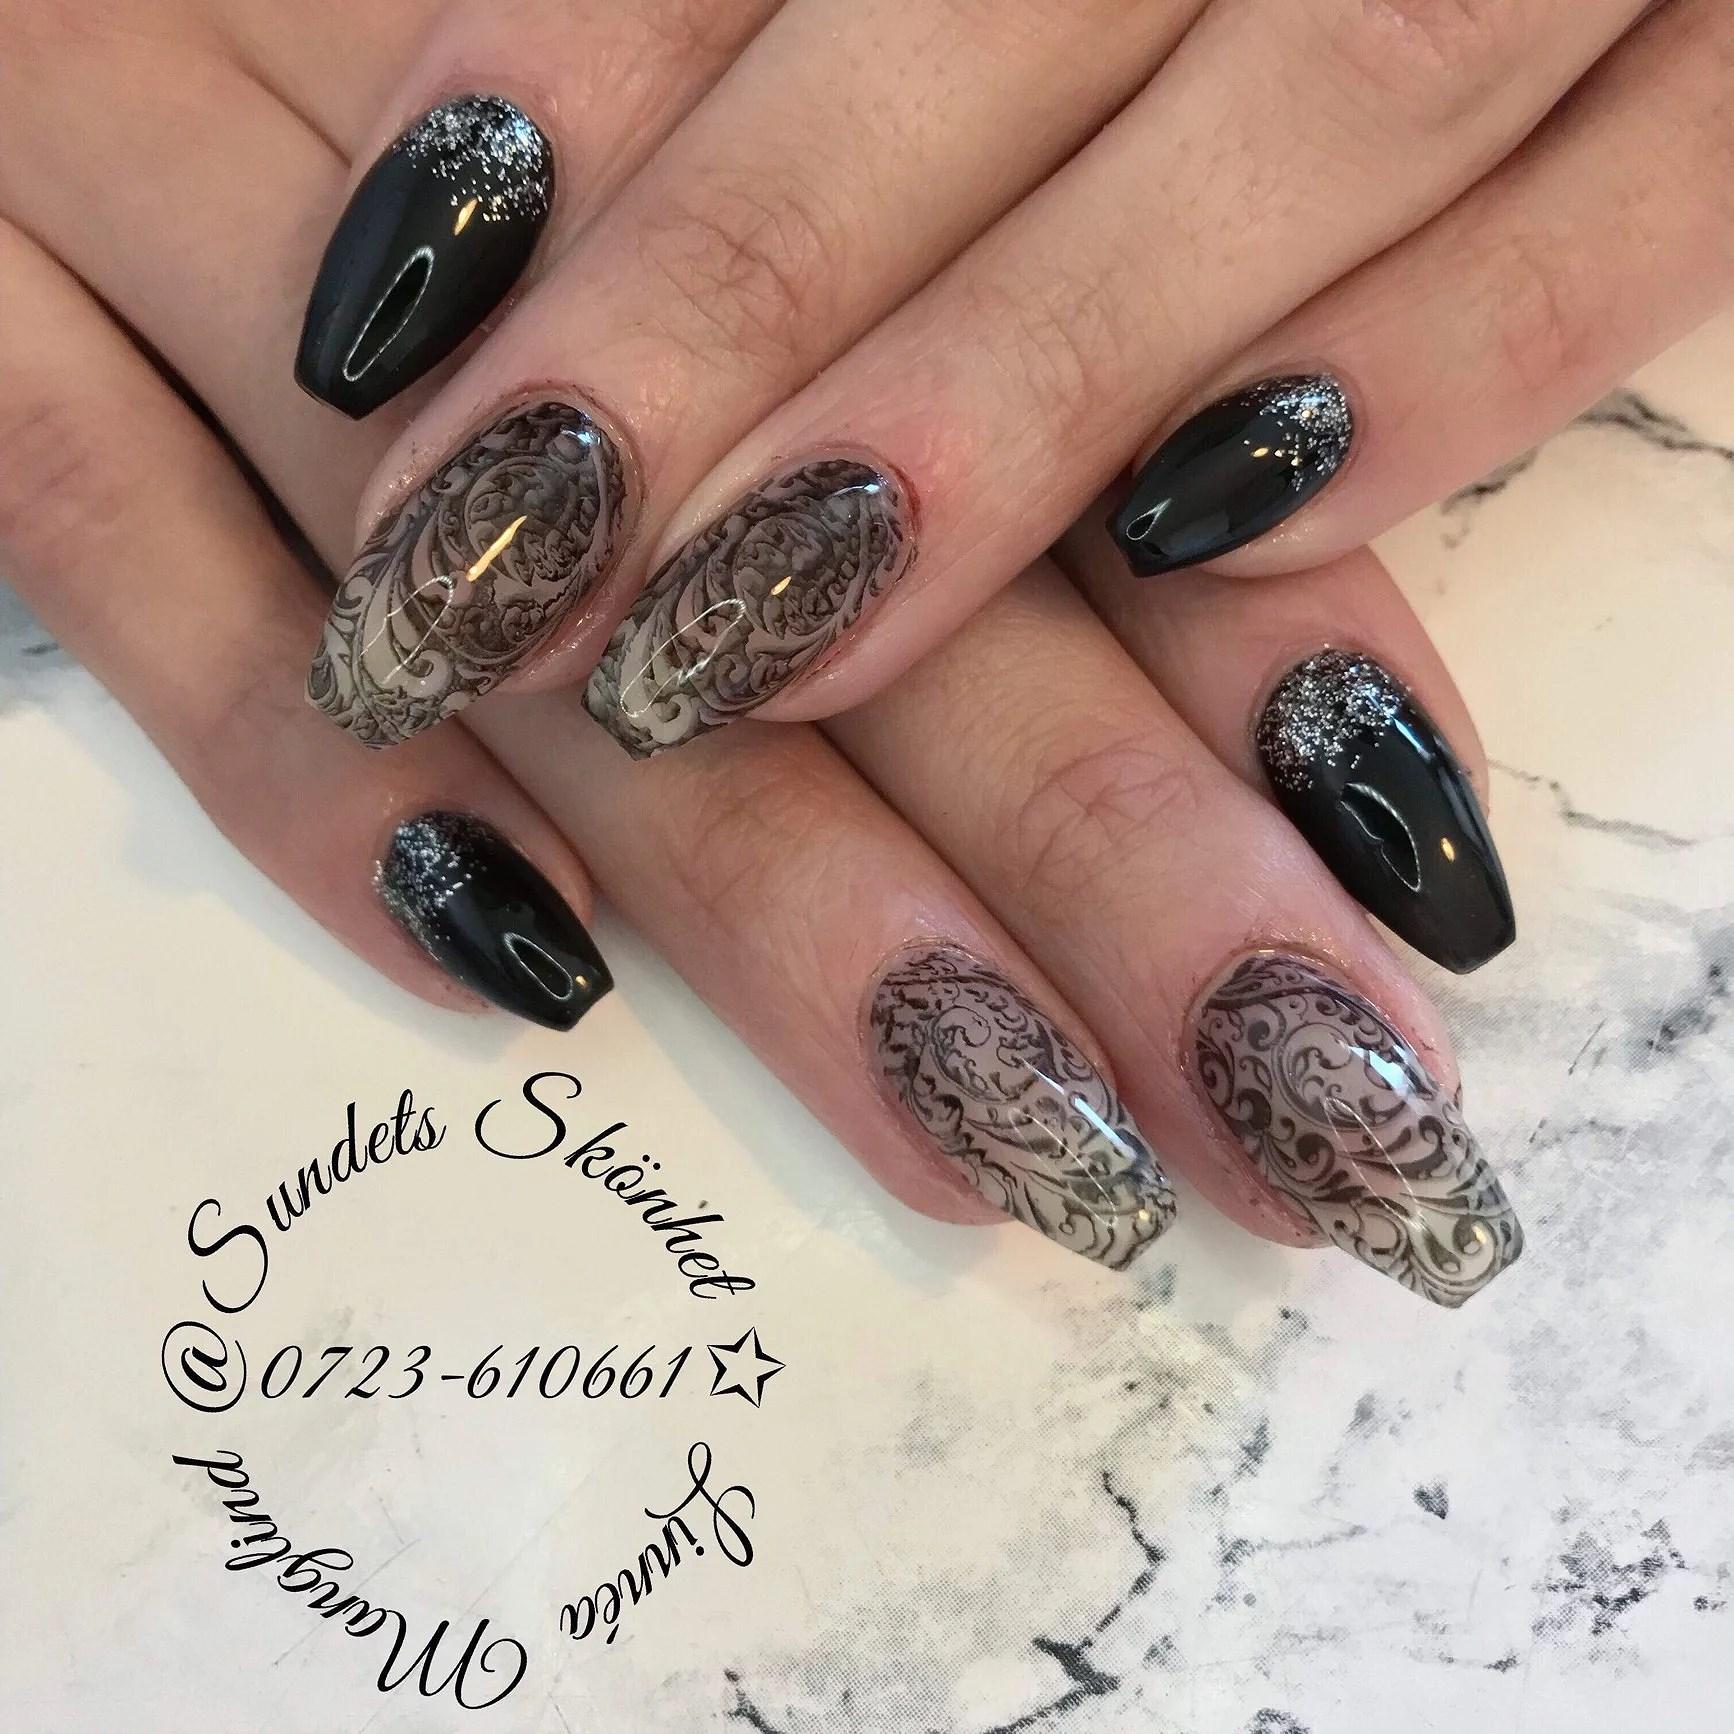 New nails.. 💅🏼